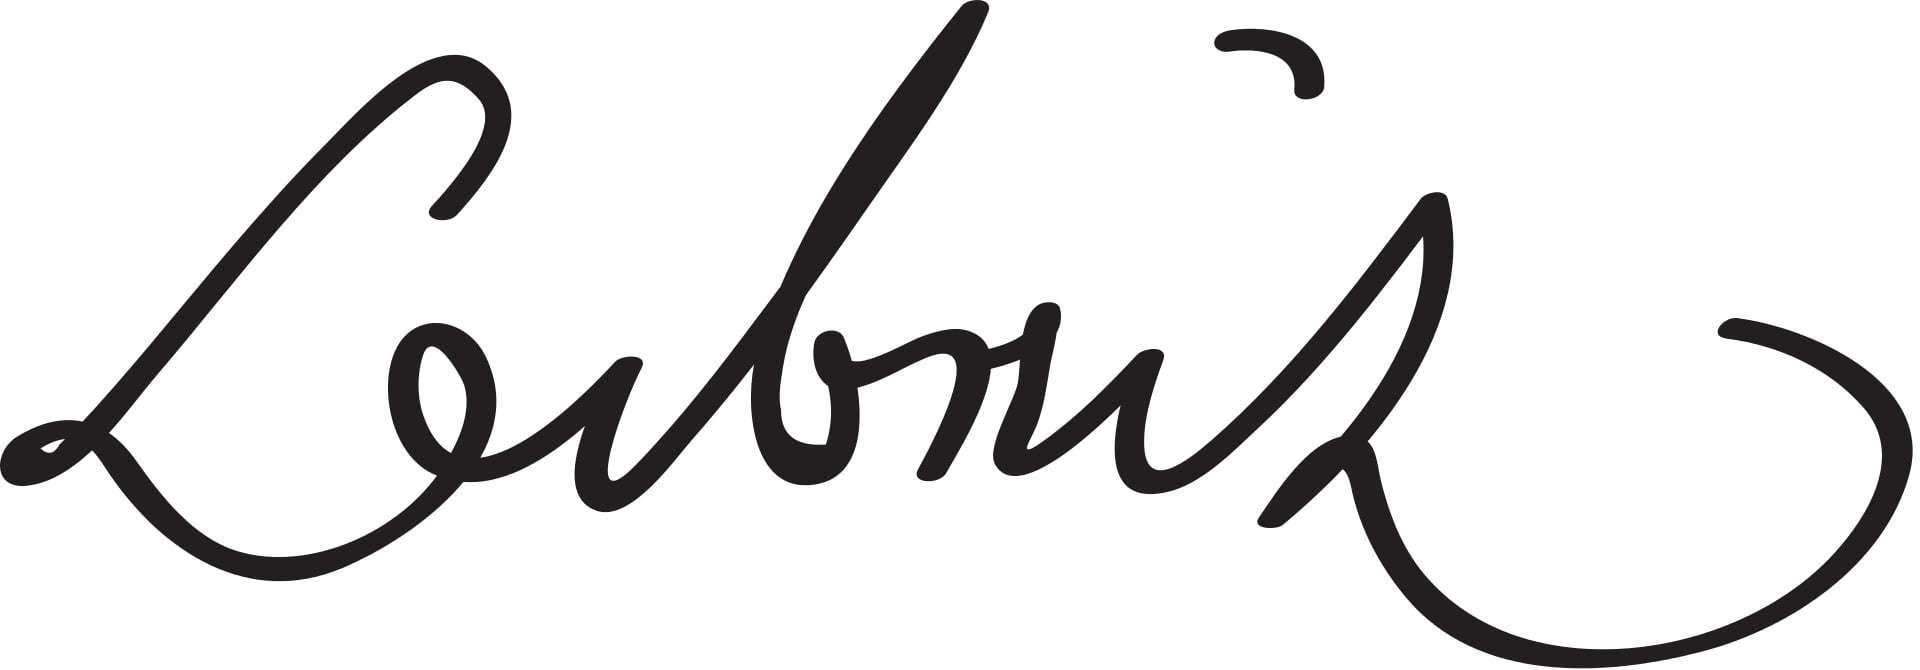 Gottfried Wilhelm Leibniz Signature